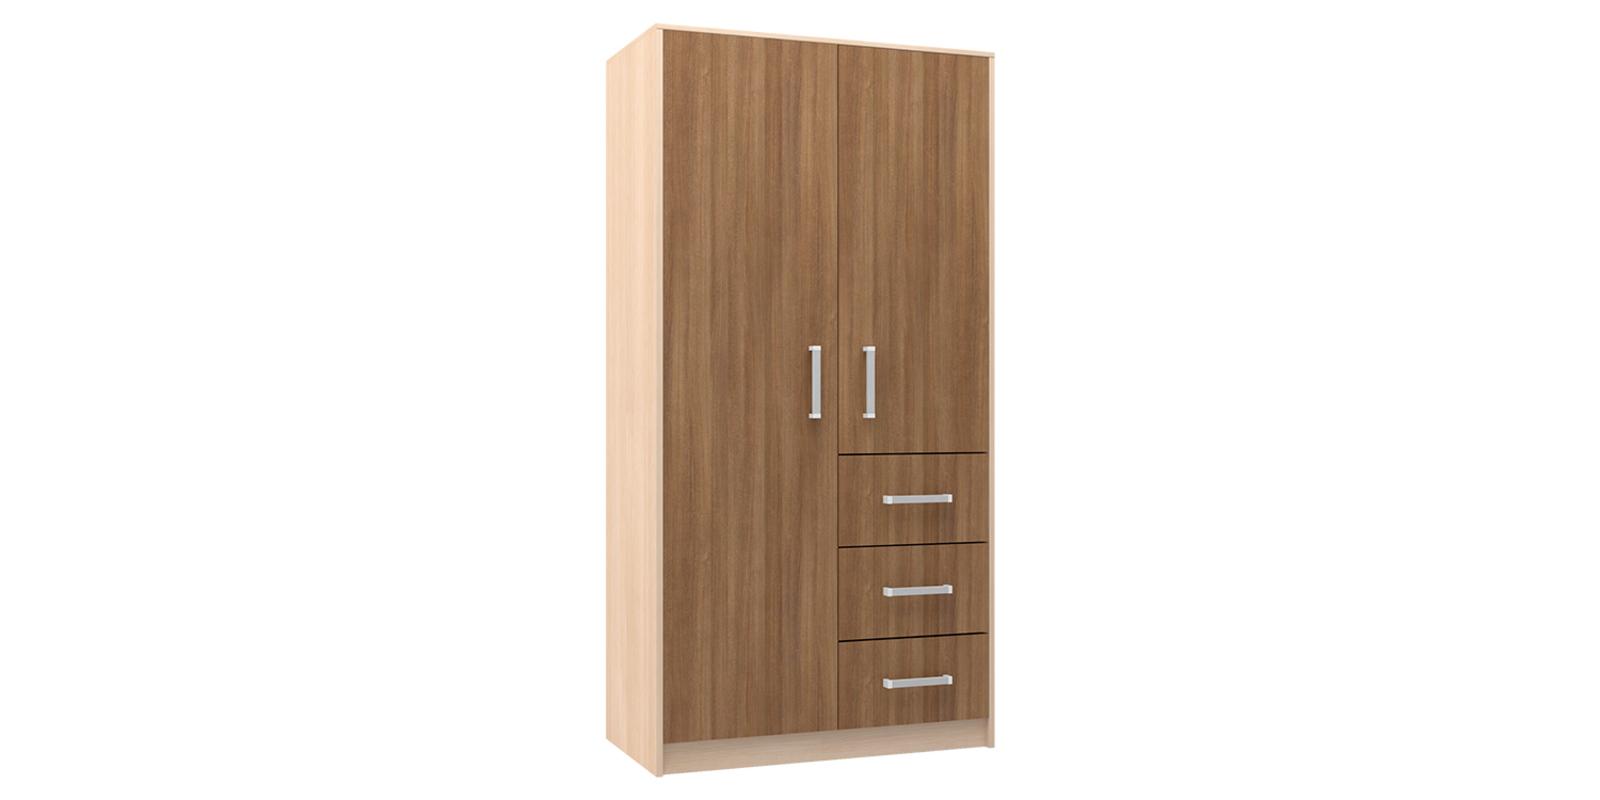 Шкаф распашной двухдверный HomeMe Лакки ADZ0489000